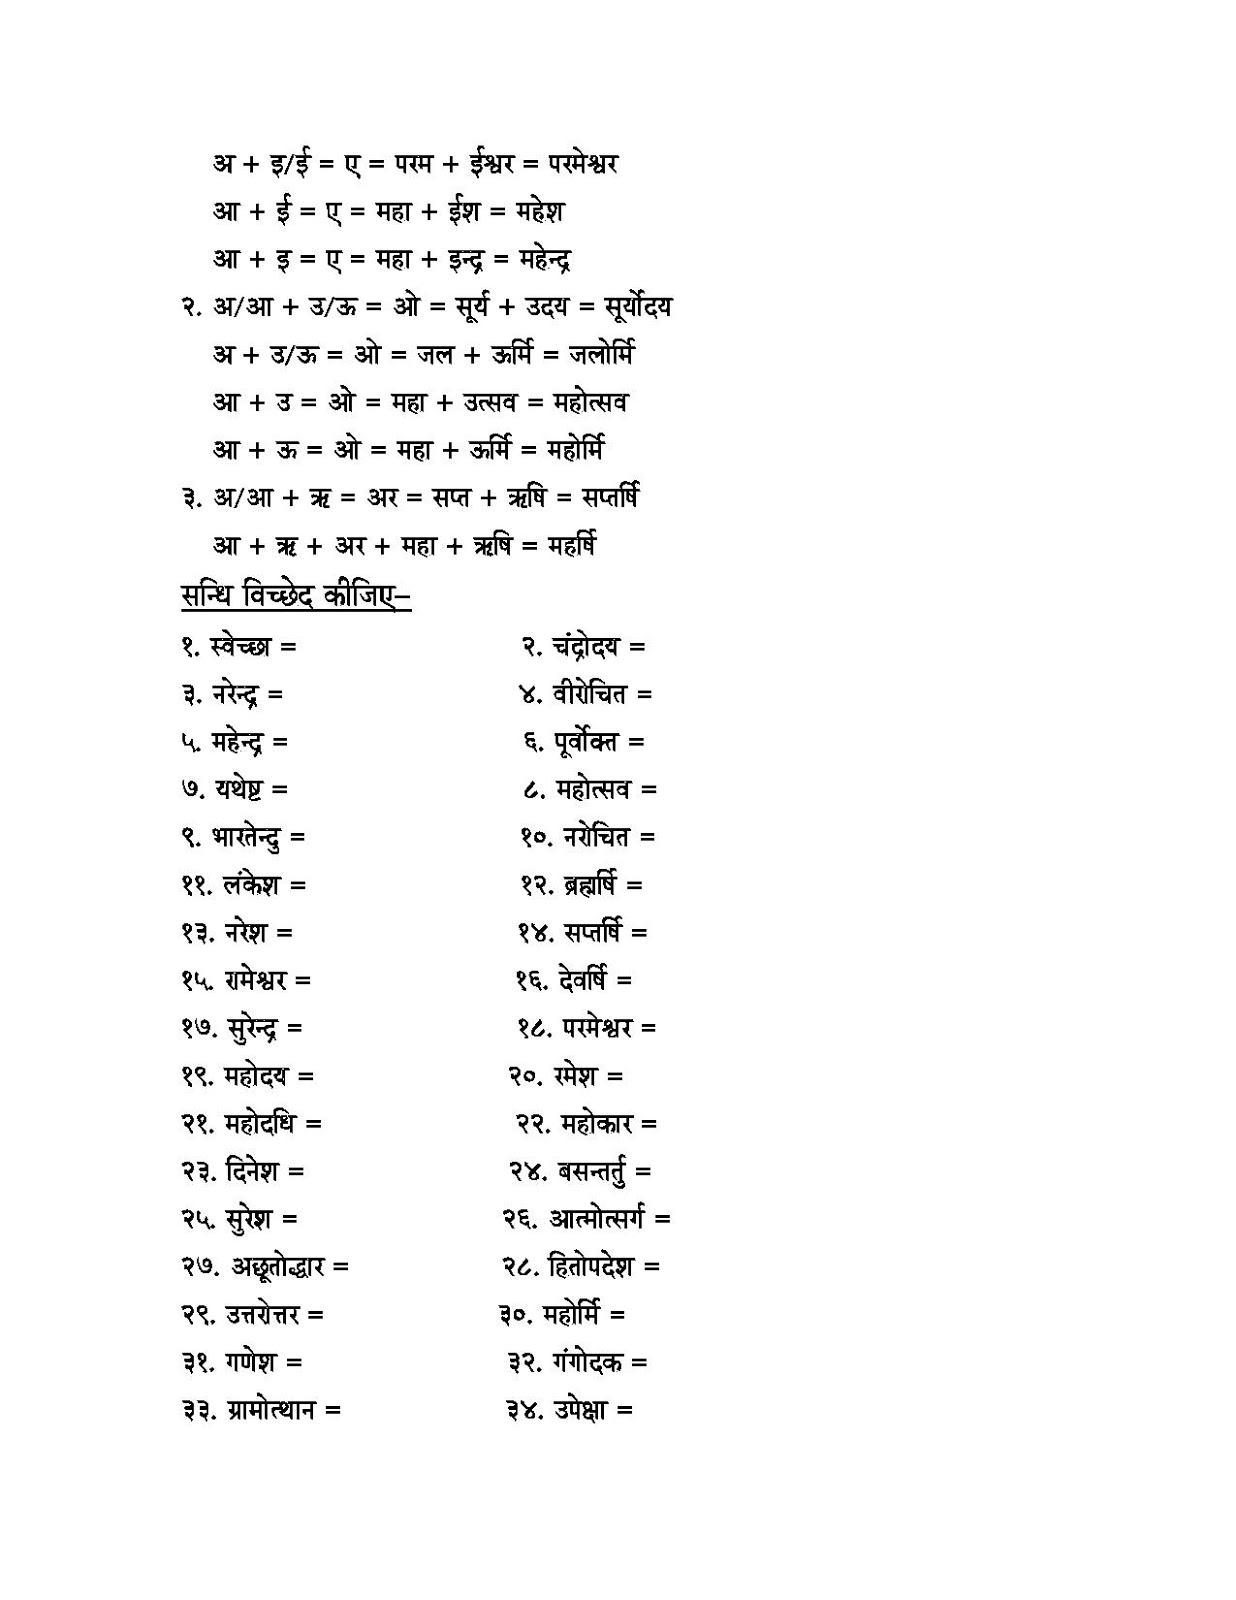 Karak Worksheet For Class 5 - Awesome Worksheet [ 1600 x 1236 Pixel ]